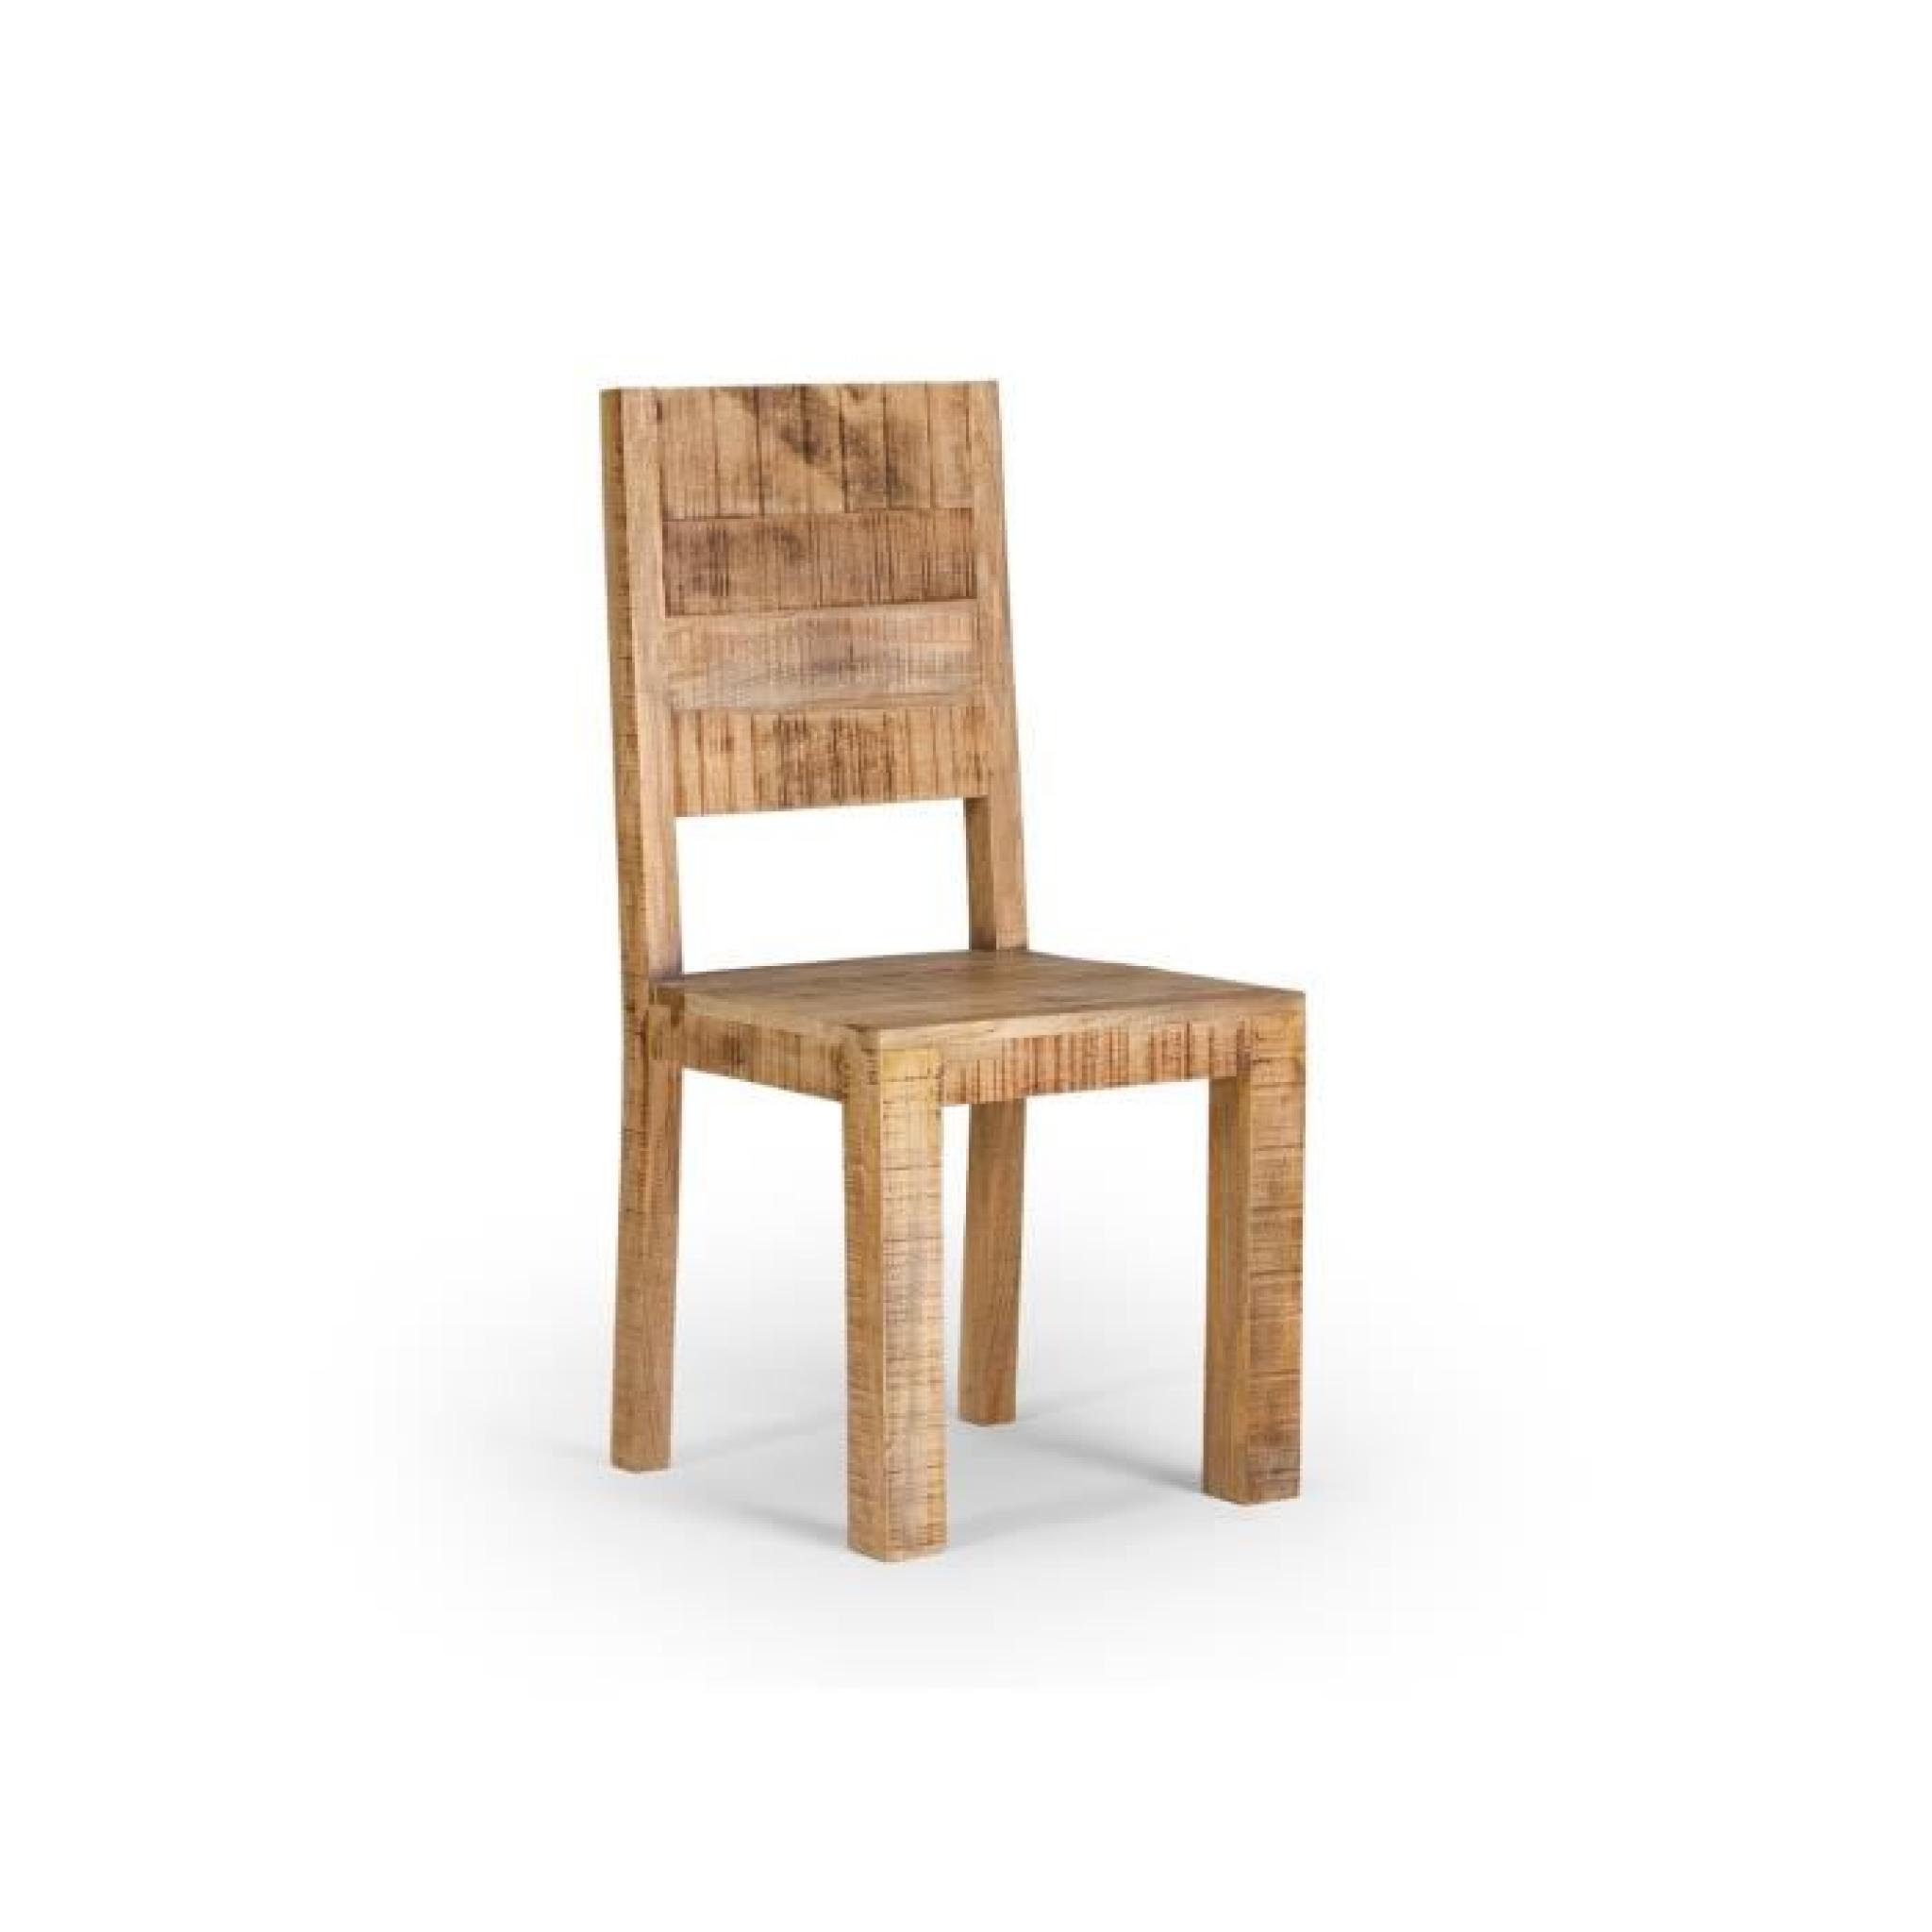 #744D2B Chaise CHENNAI En Bois De Manguier Massif Achat/Vente  5043 salle a manger bois massif pas cher 2048x2048 px @ aertt.com